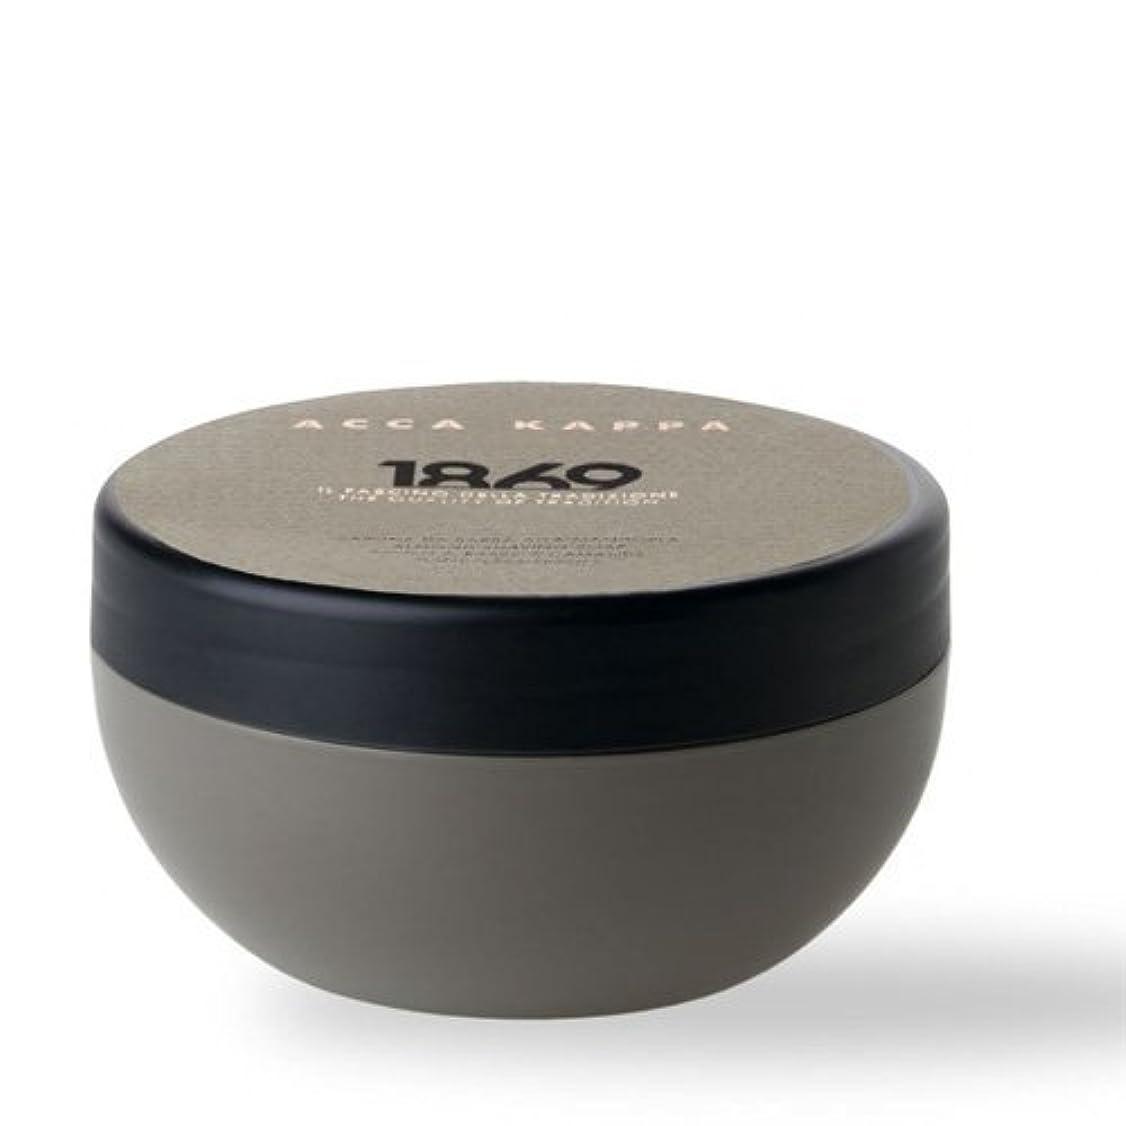 十二小包音節Acca Kappa 1869 Almond Shaving Soap in Bowl [並行輸入品]